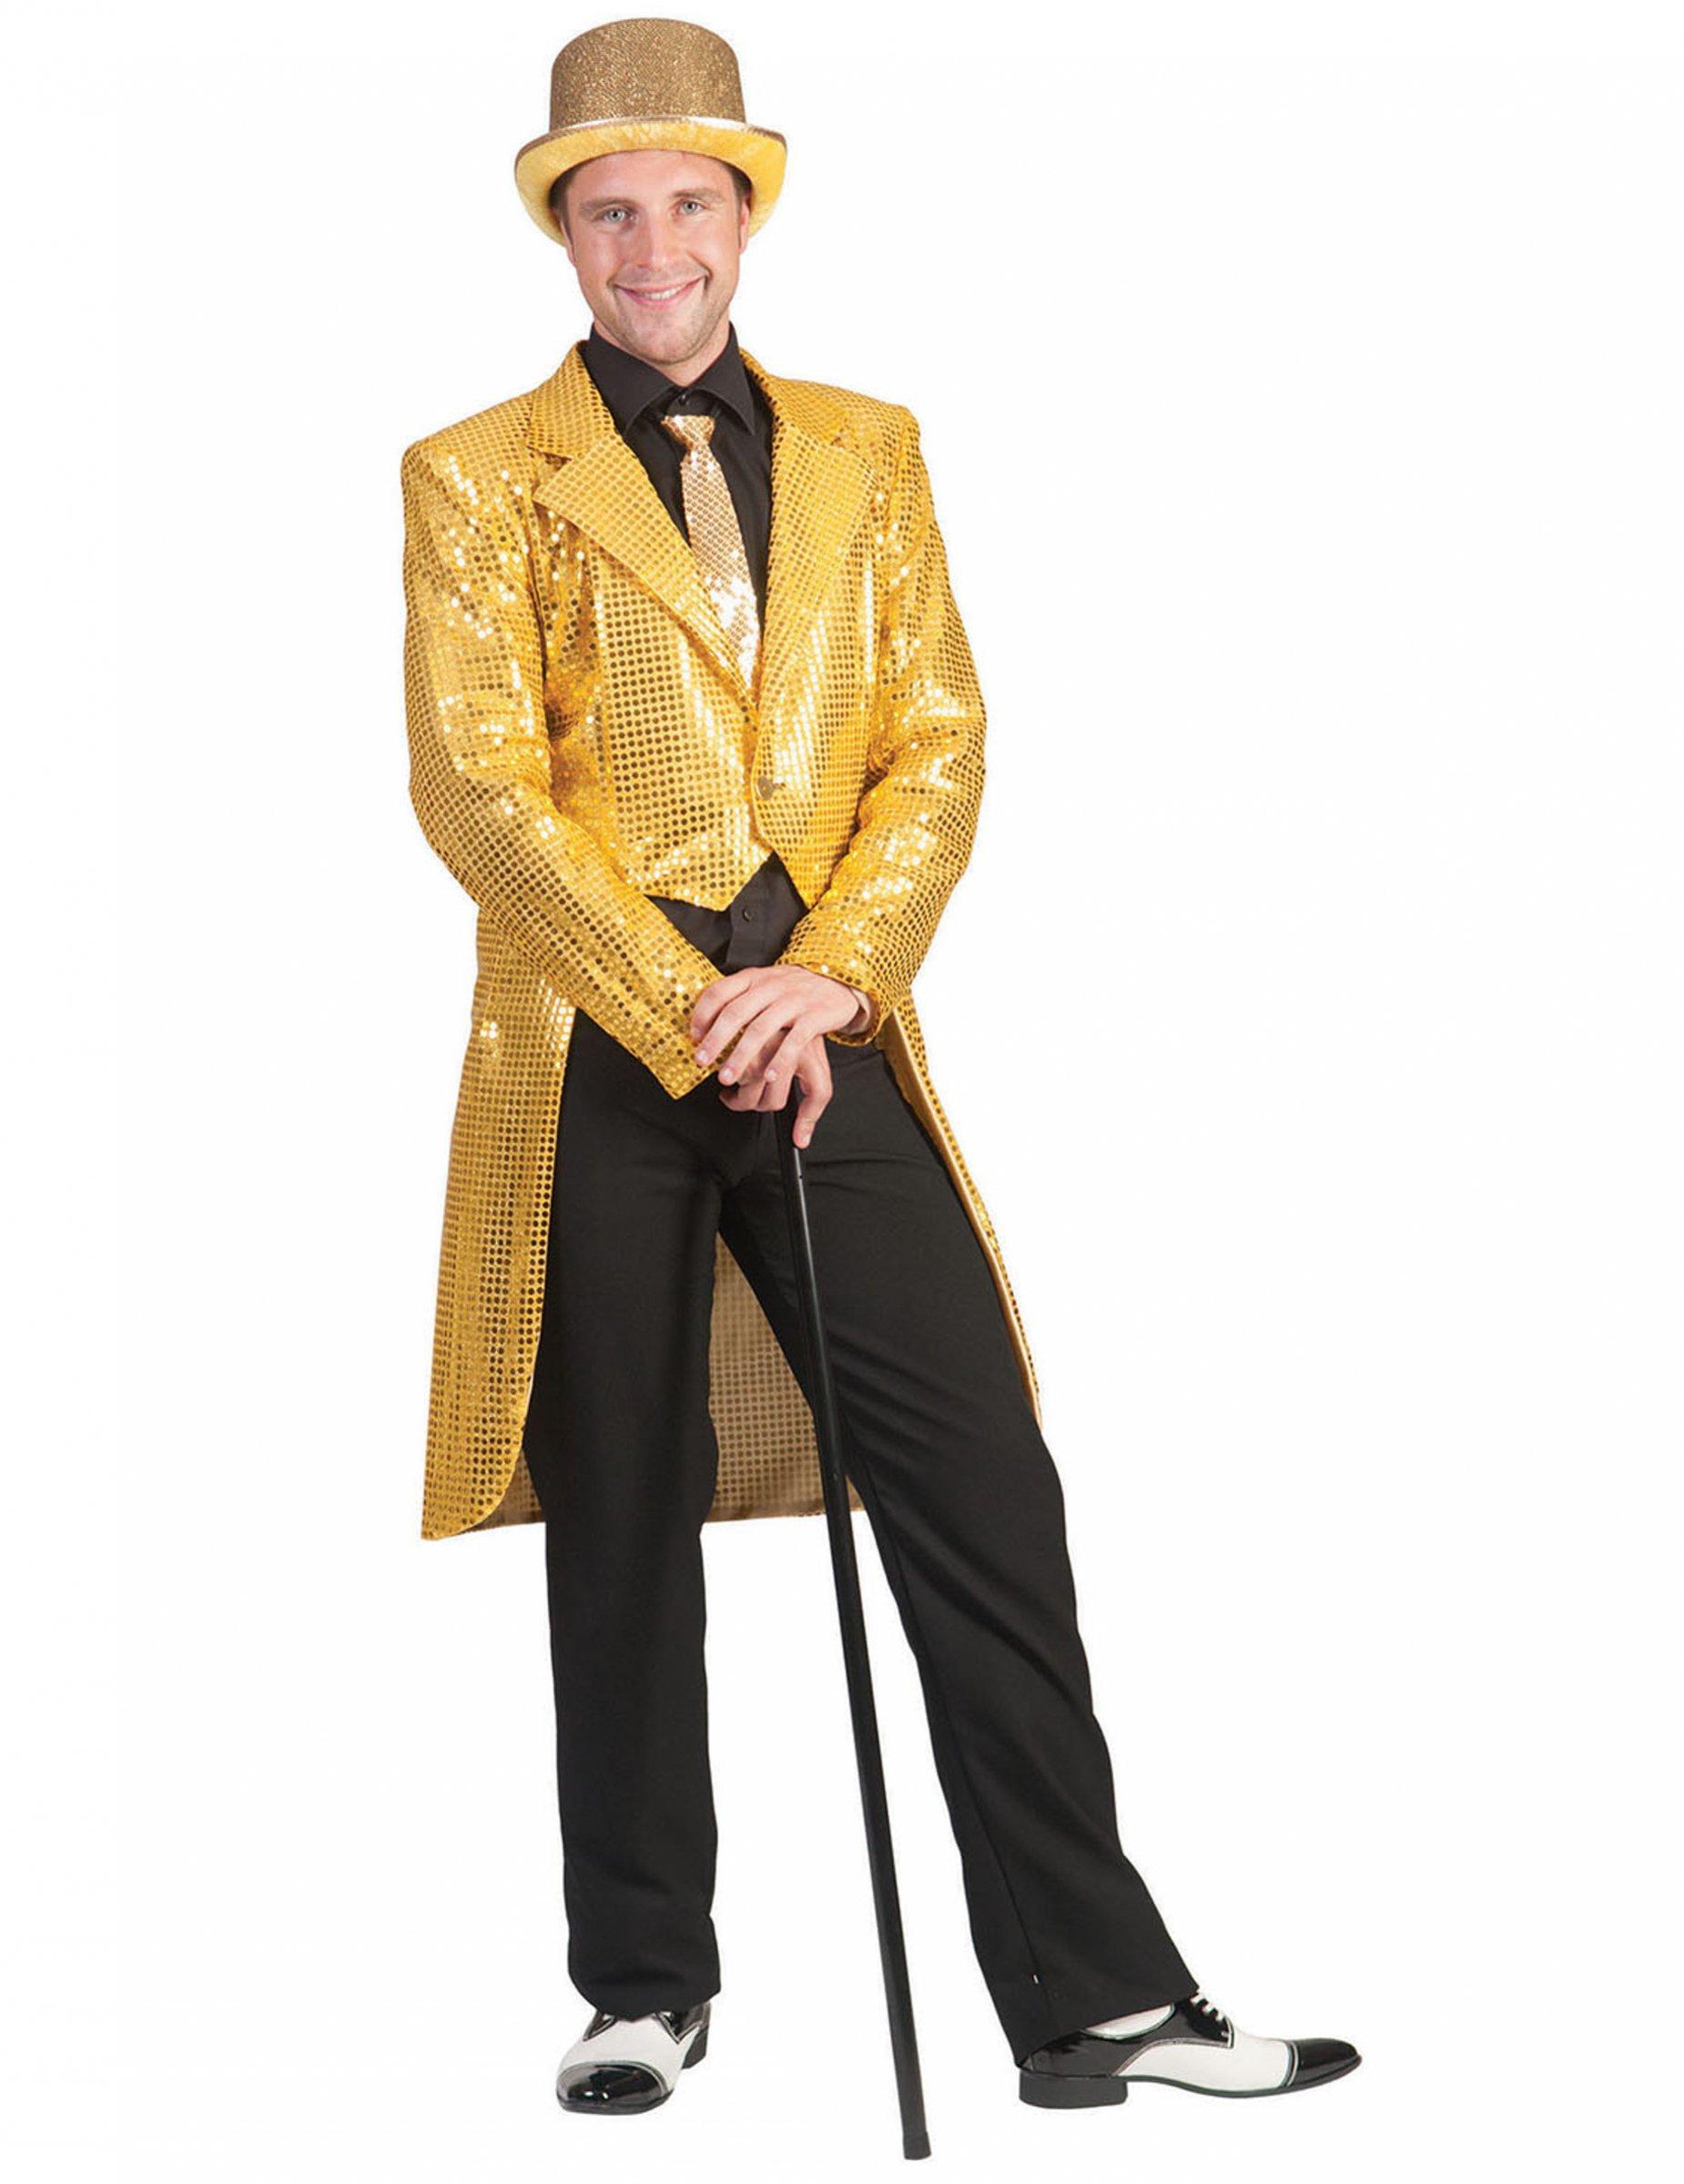 lo último 95f95 b0ded Chaqueta tipo frac de lentejuelas doradas hombre